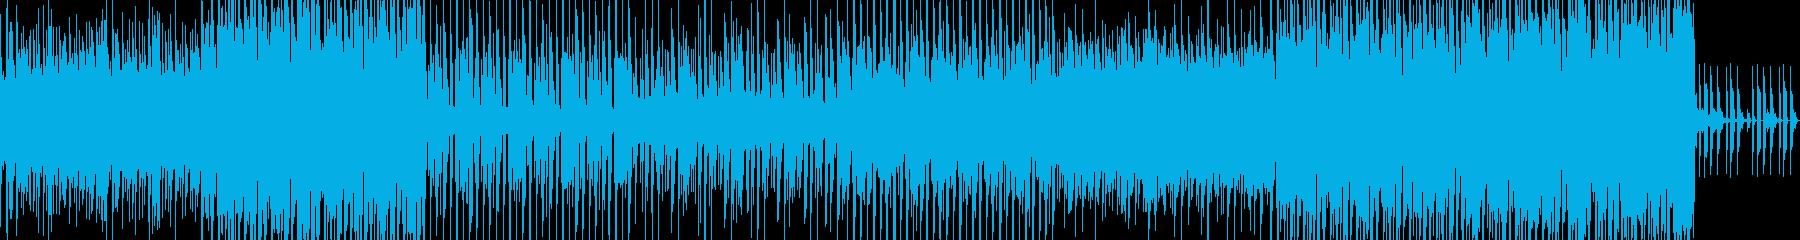 【エレクトロニカ】夏の終わりにの再生済みの波形